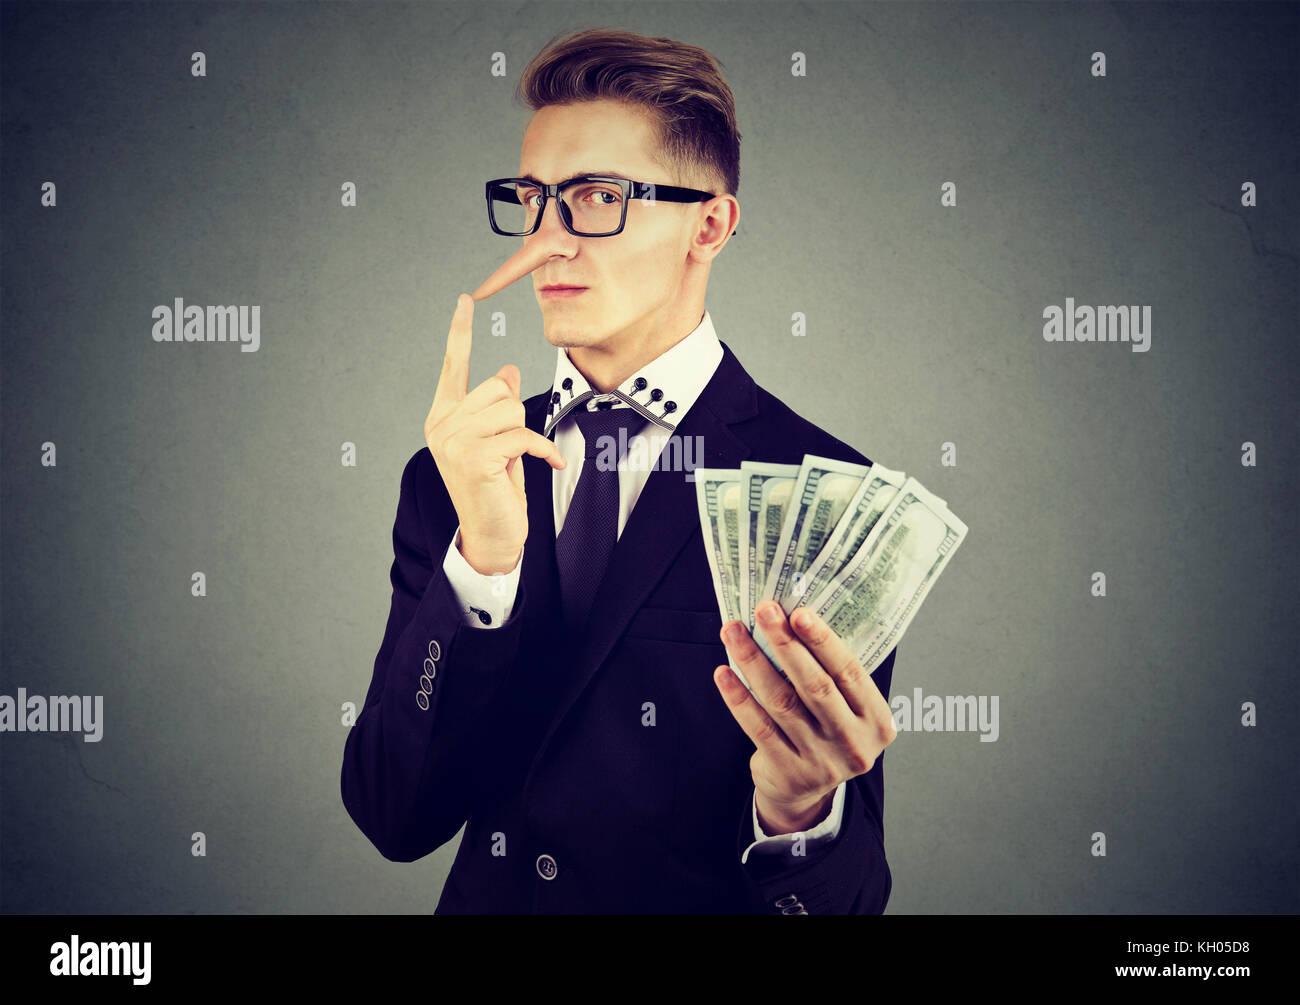 Finanzbetrug Konzept. Lügner junge Geschäftsmann in Anzug und Brille mit Dollar cash Stockbild